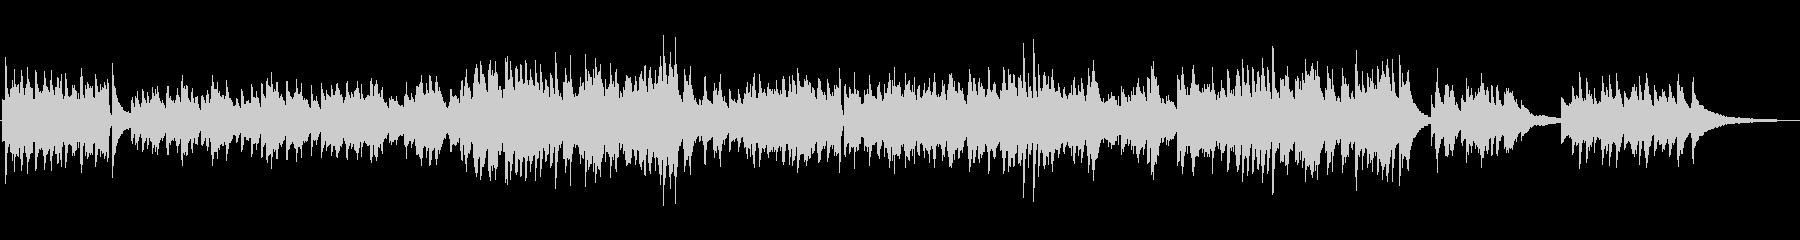 明るくおしゃれなソロピアノワルツの未再生の波形